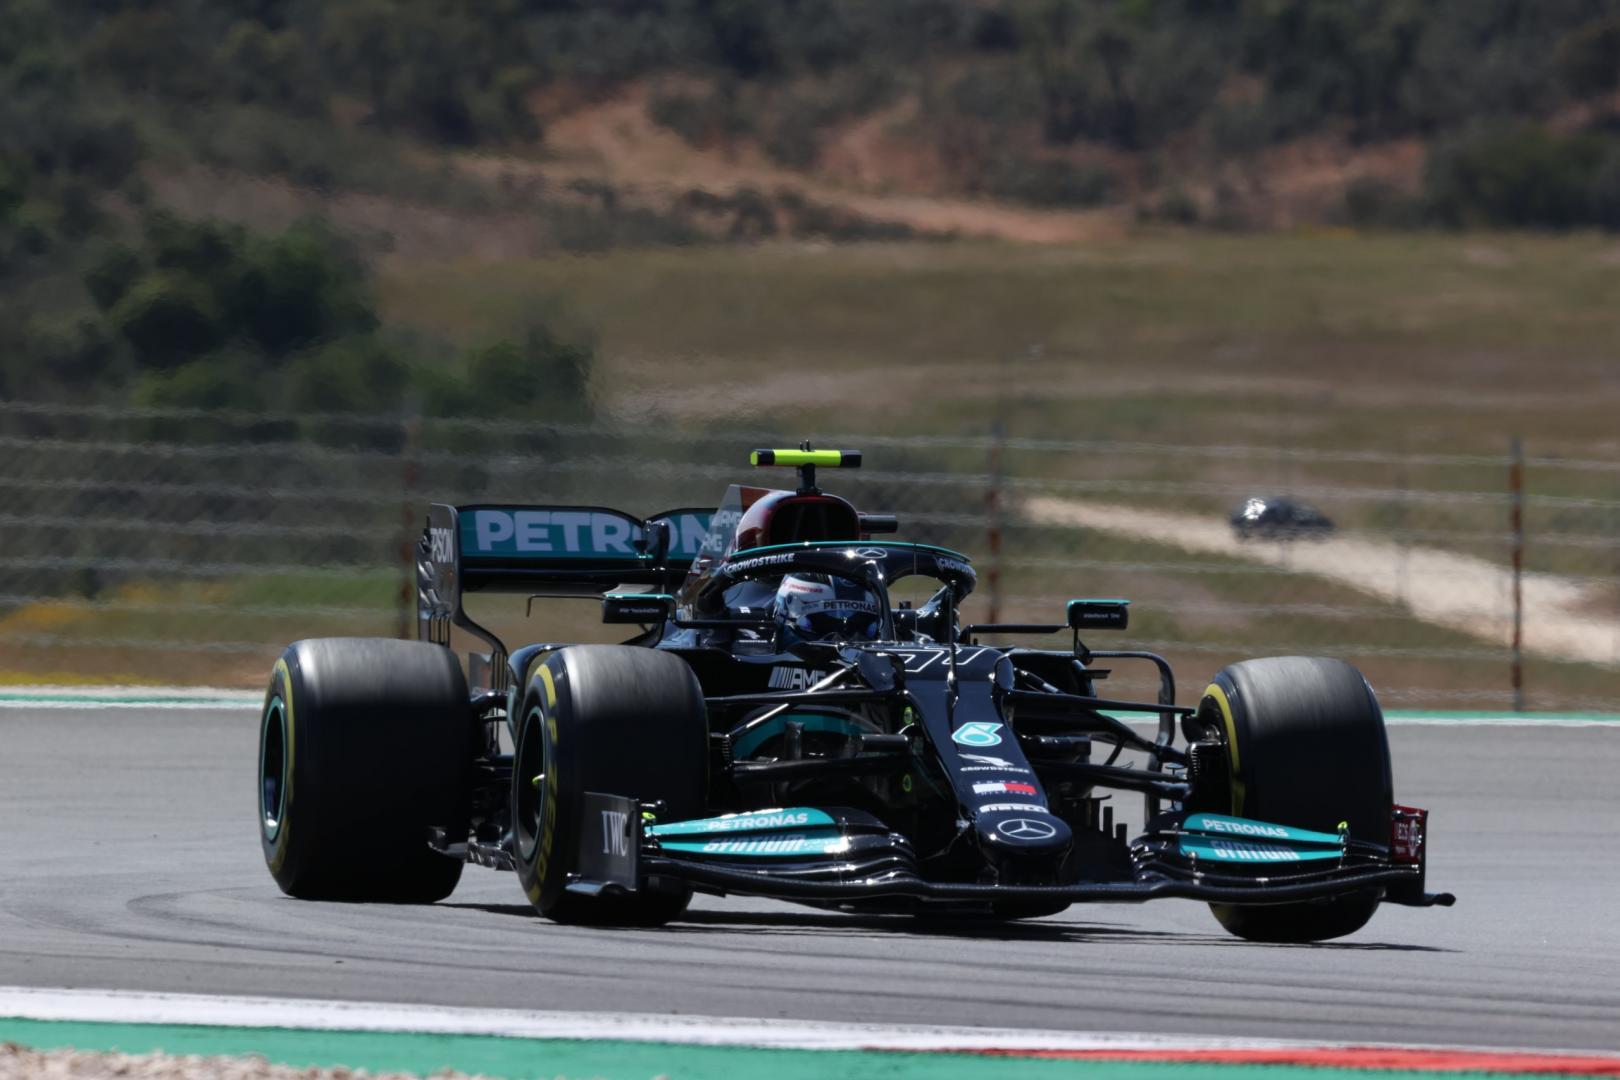 Kwalificatie van de GP van Portugal 2021